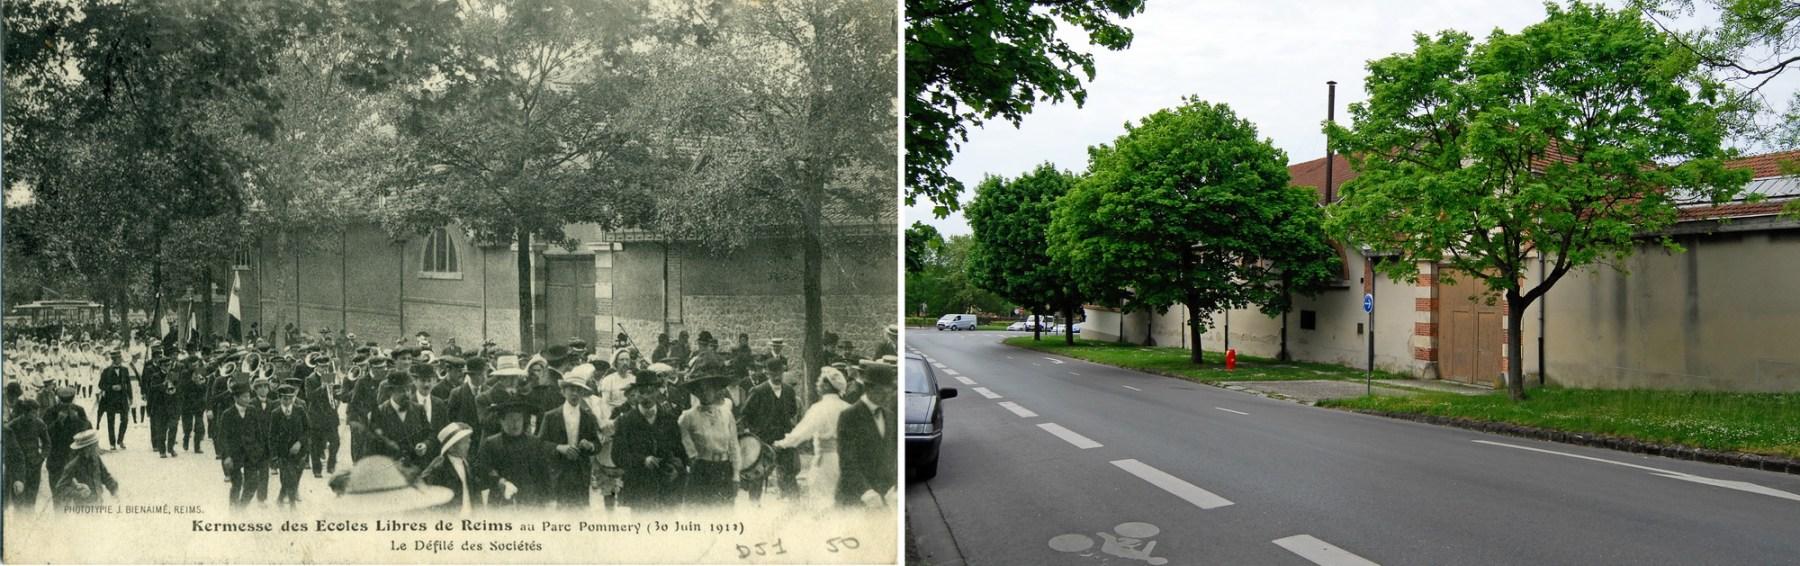 Avenue du Général Giraud